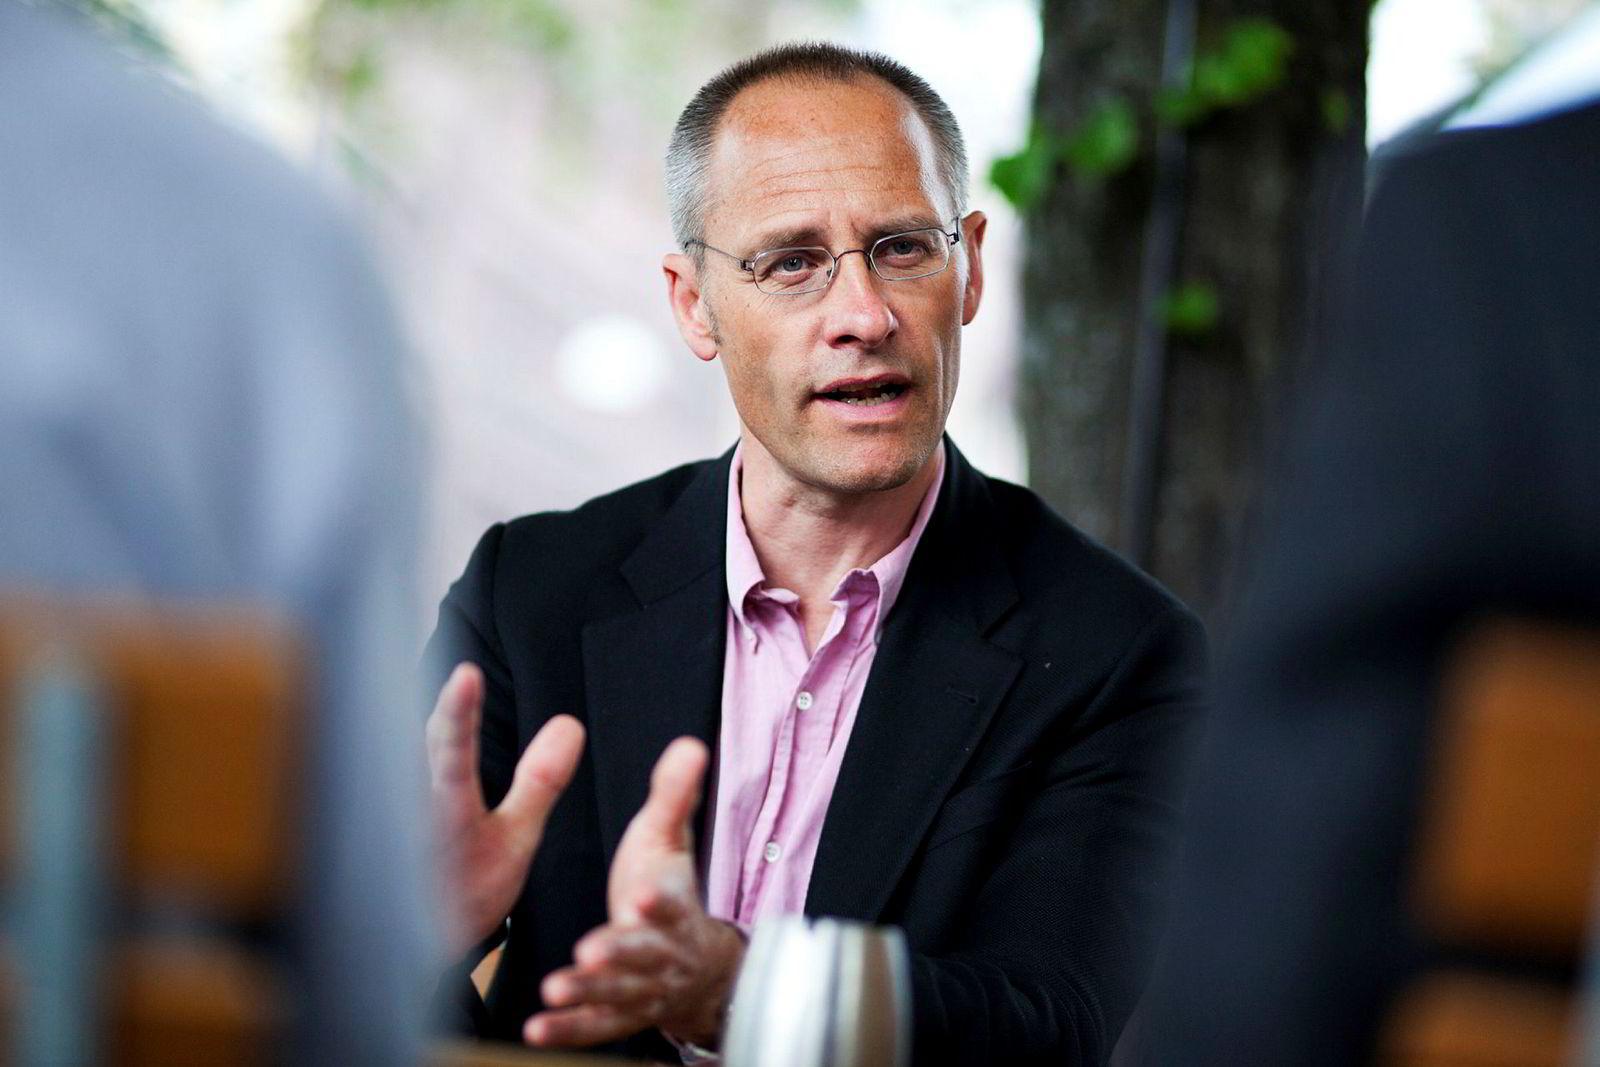 Professor Guttorm Schjelderup ved Norges Handelshøyskole sier NHOs forslag vil øke ulikheten i Norge.